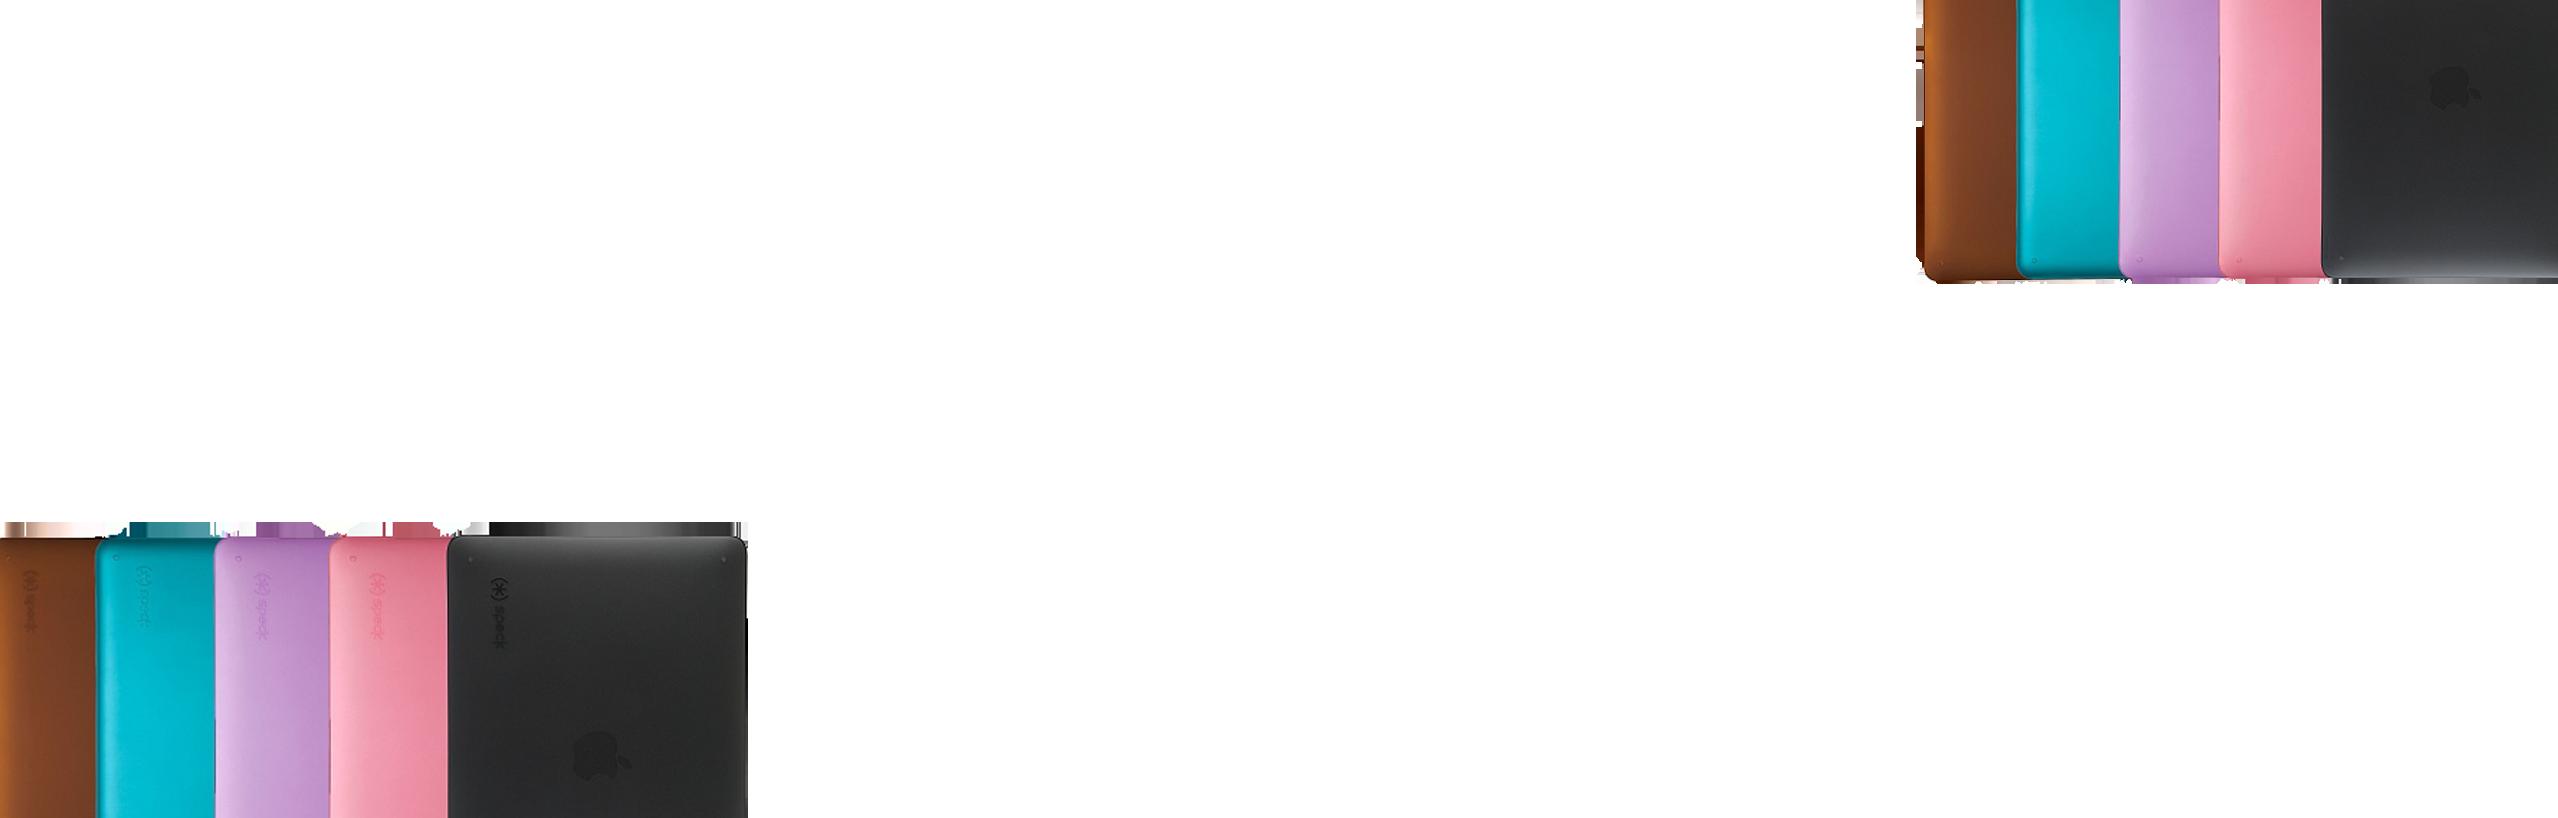 עמוד אביזרים - מק